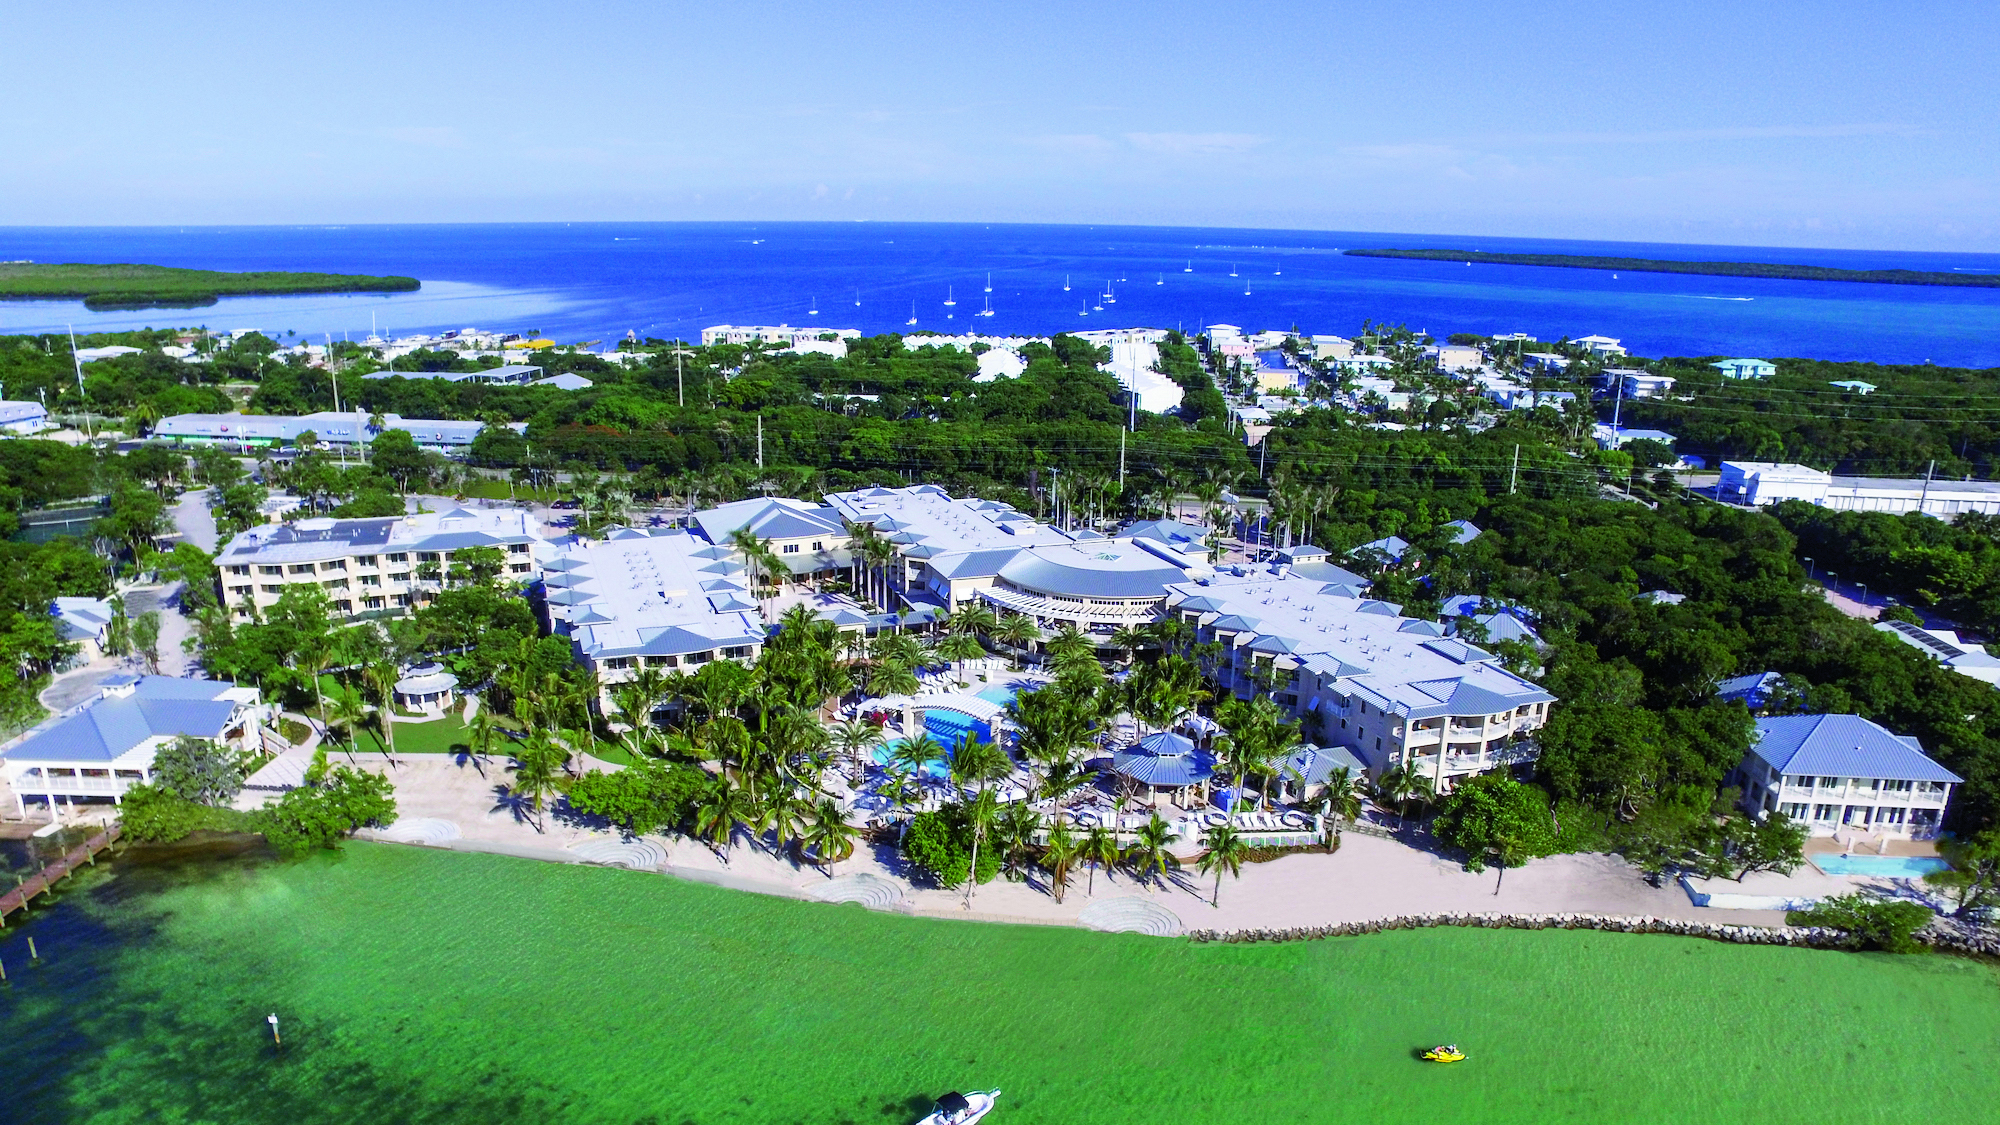 Playa Largo Resort Amp Spa Debuts Travel Weekly